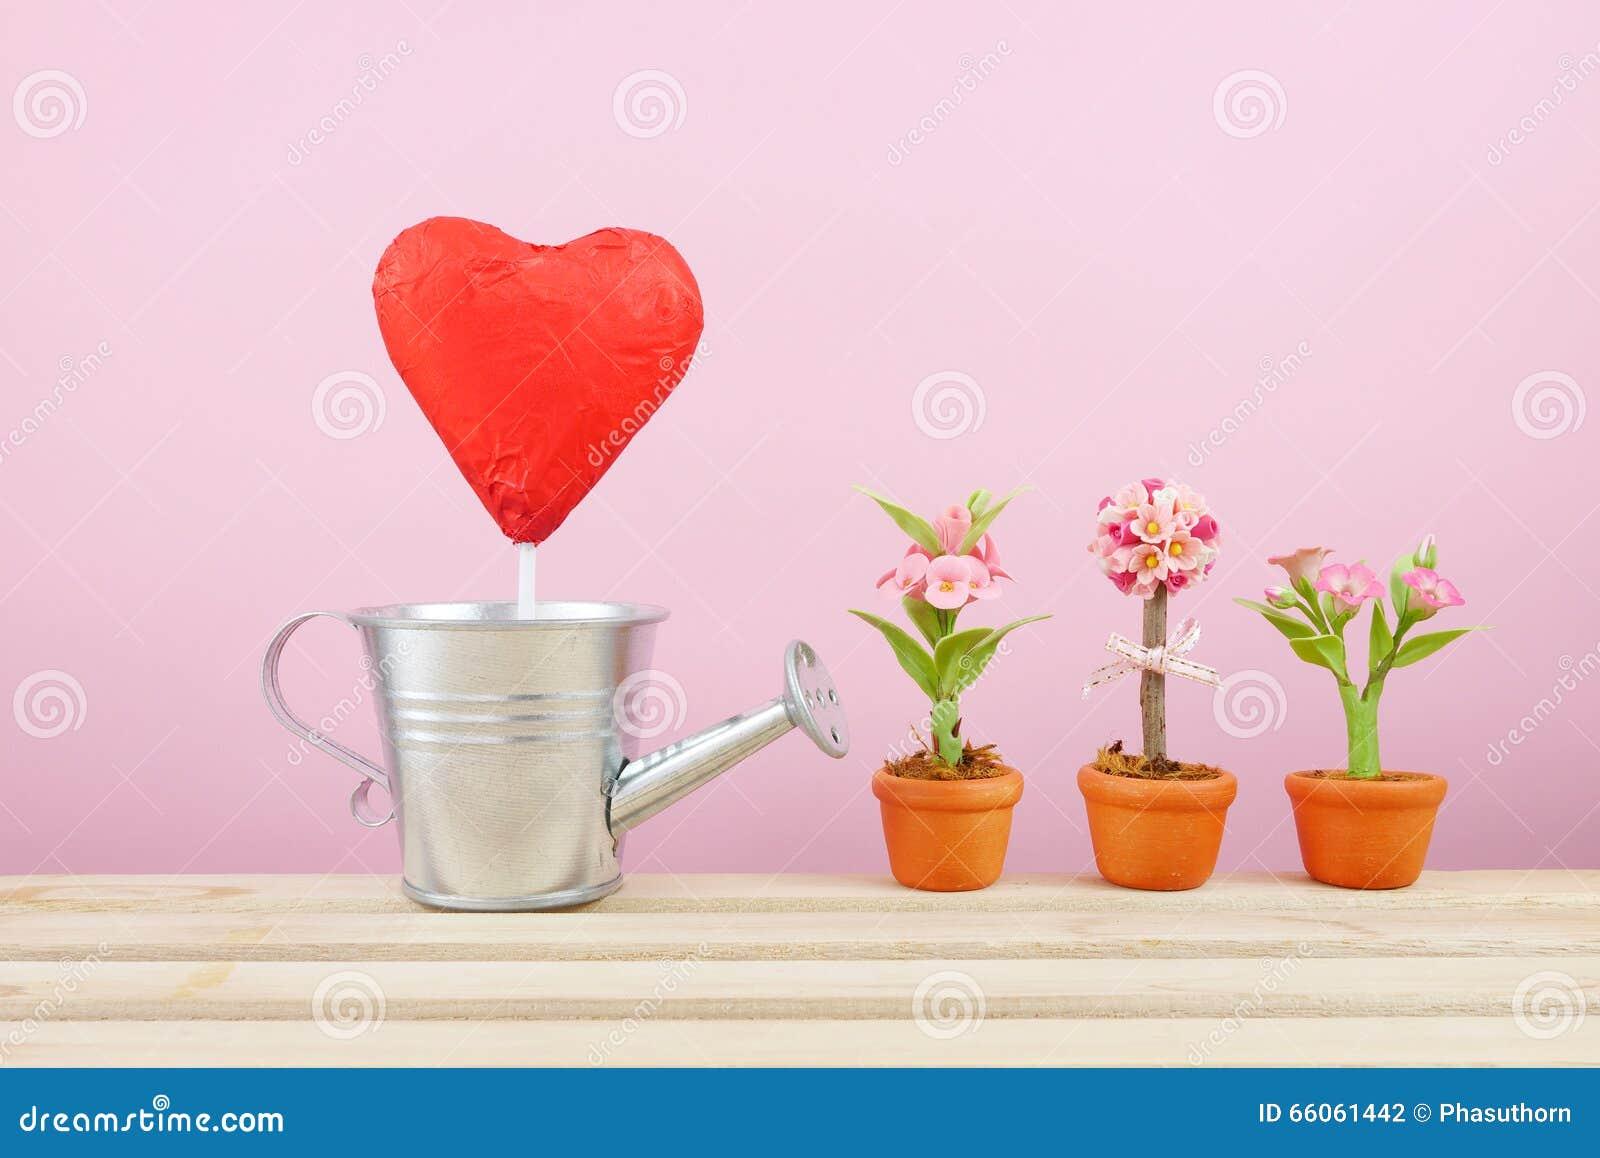 Le rouge a déjoué le bâton de coeur de chocolat avec la petite boîte d arrosage argentée et la mini fausse fleur dans le pot brun